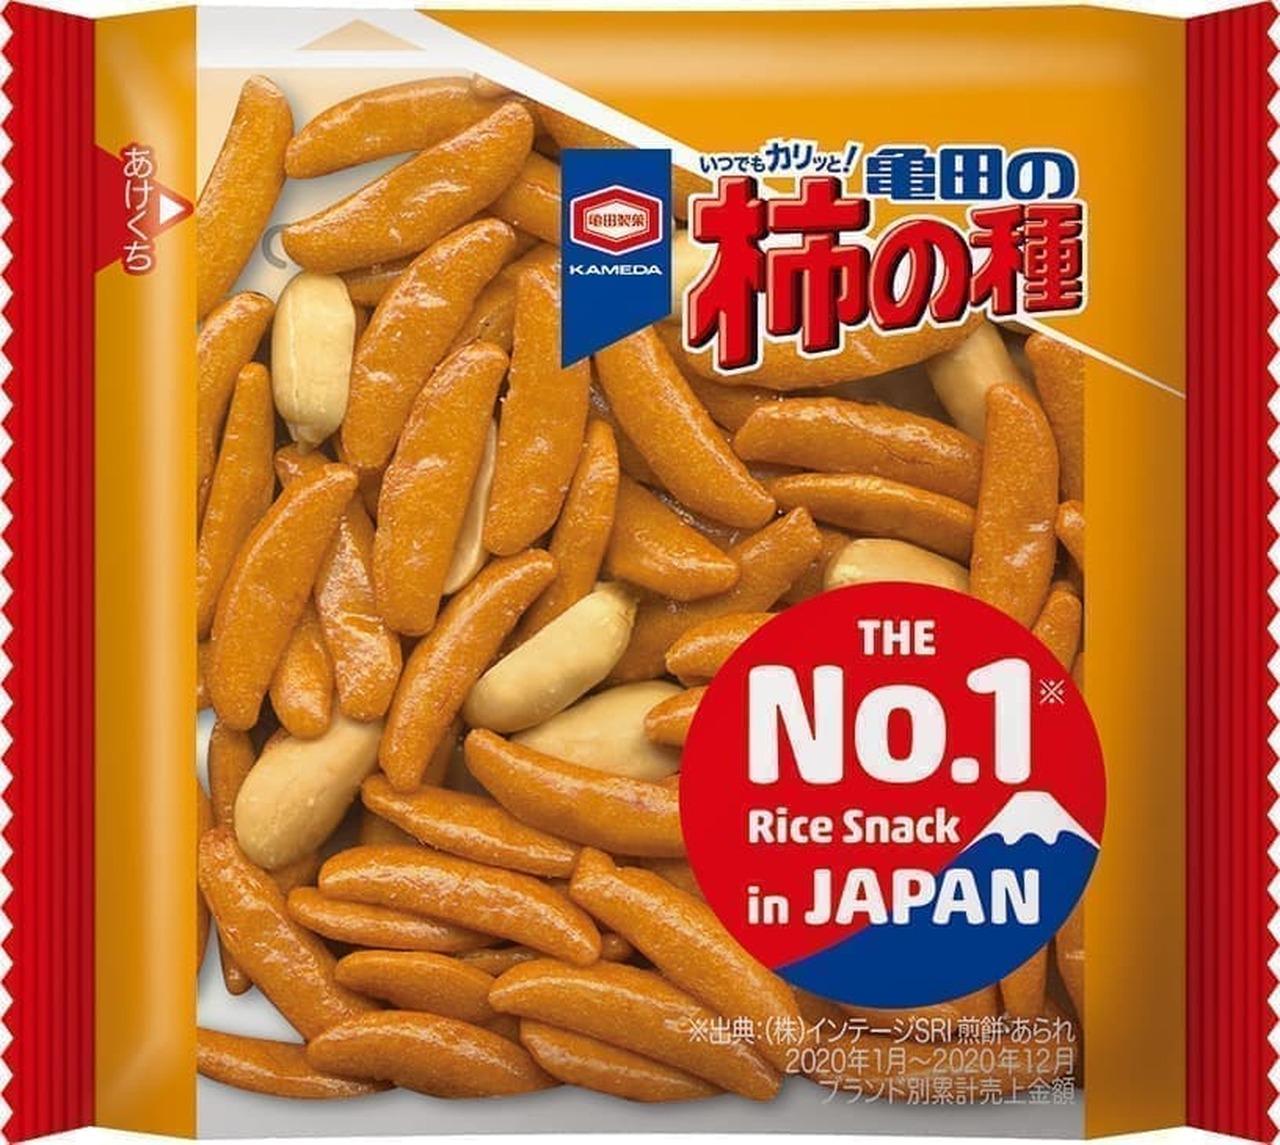 サーティワン アイスクリームが亀田製菓「柿の種」「ハッピーターン」とコラボ